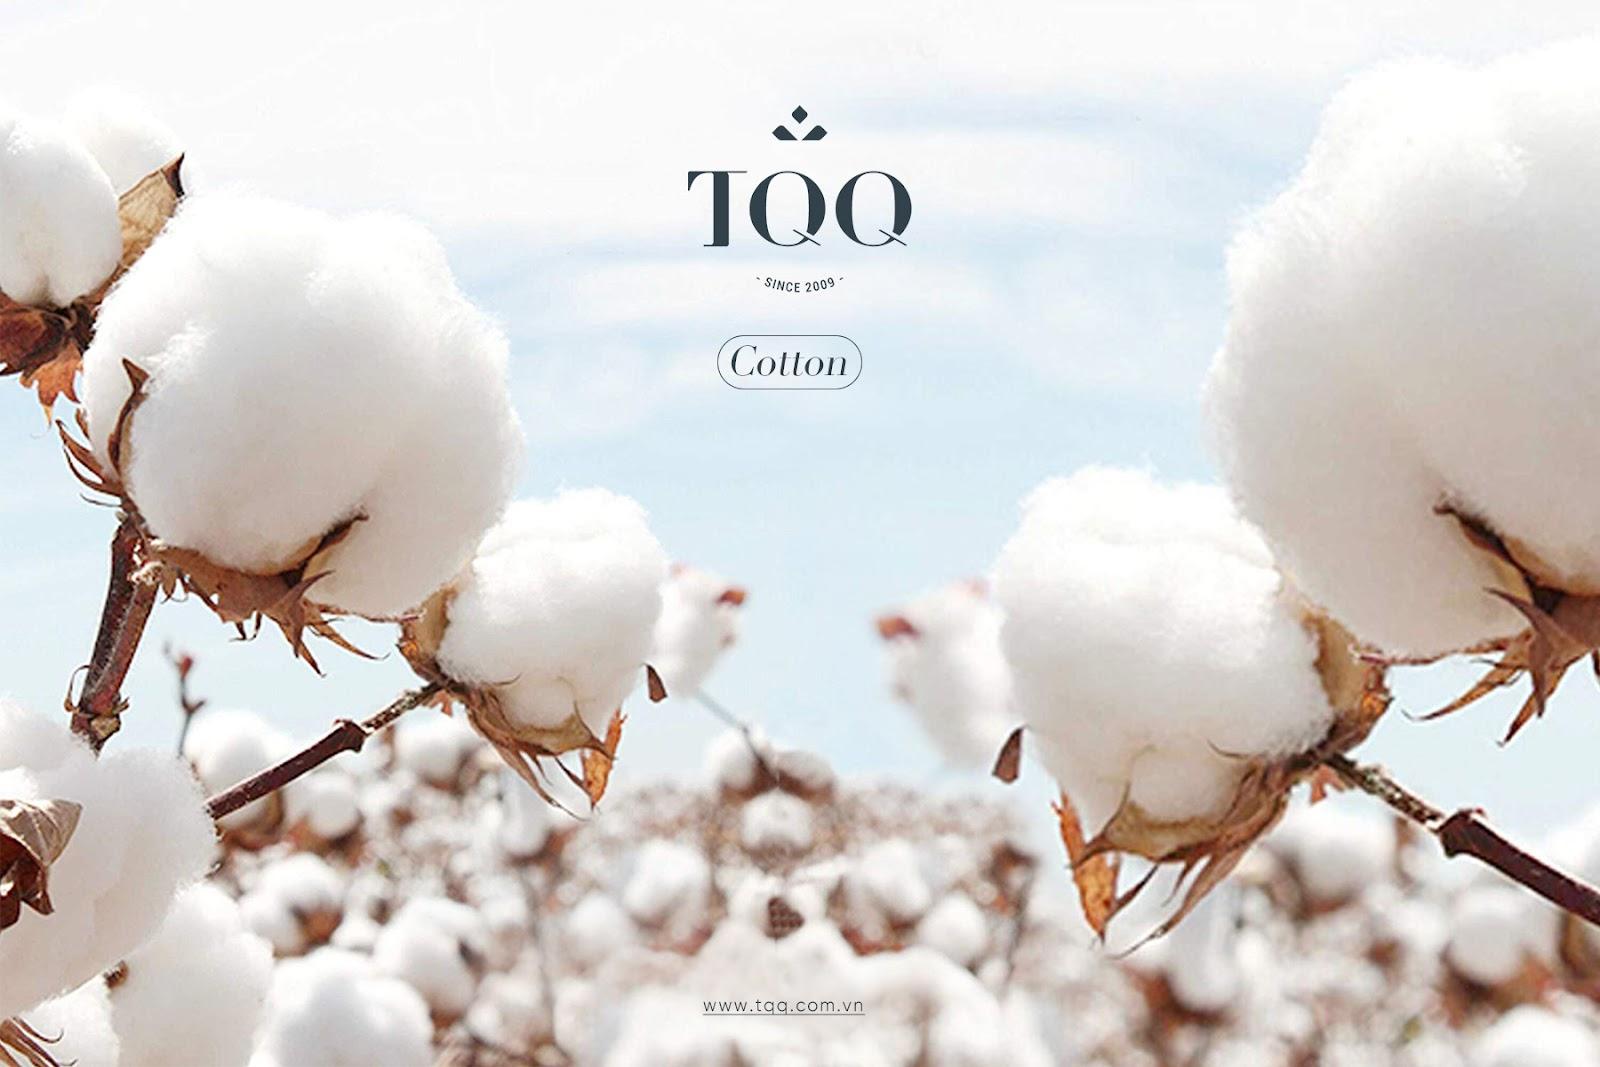 Chất liệu cotton dùng trong may áo sơ mi nam tại TQQ